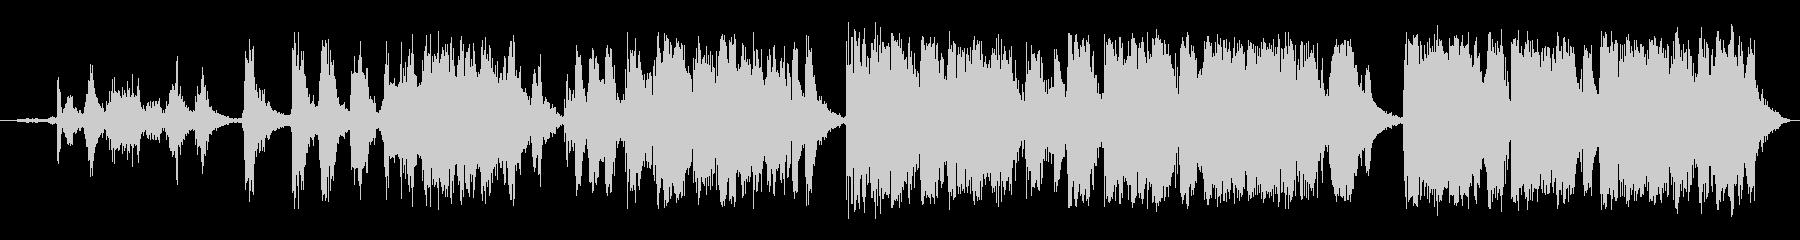 ガチョウ ガチョウの鳴き声01の未再生の波形